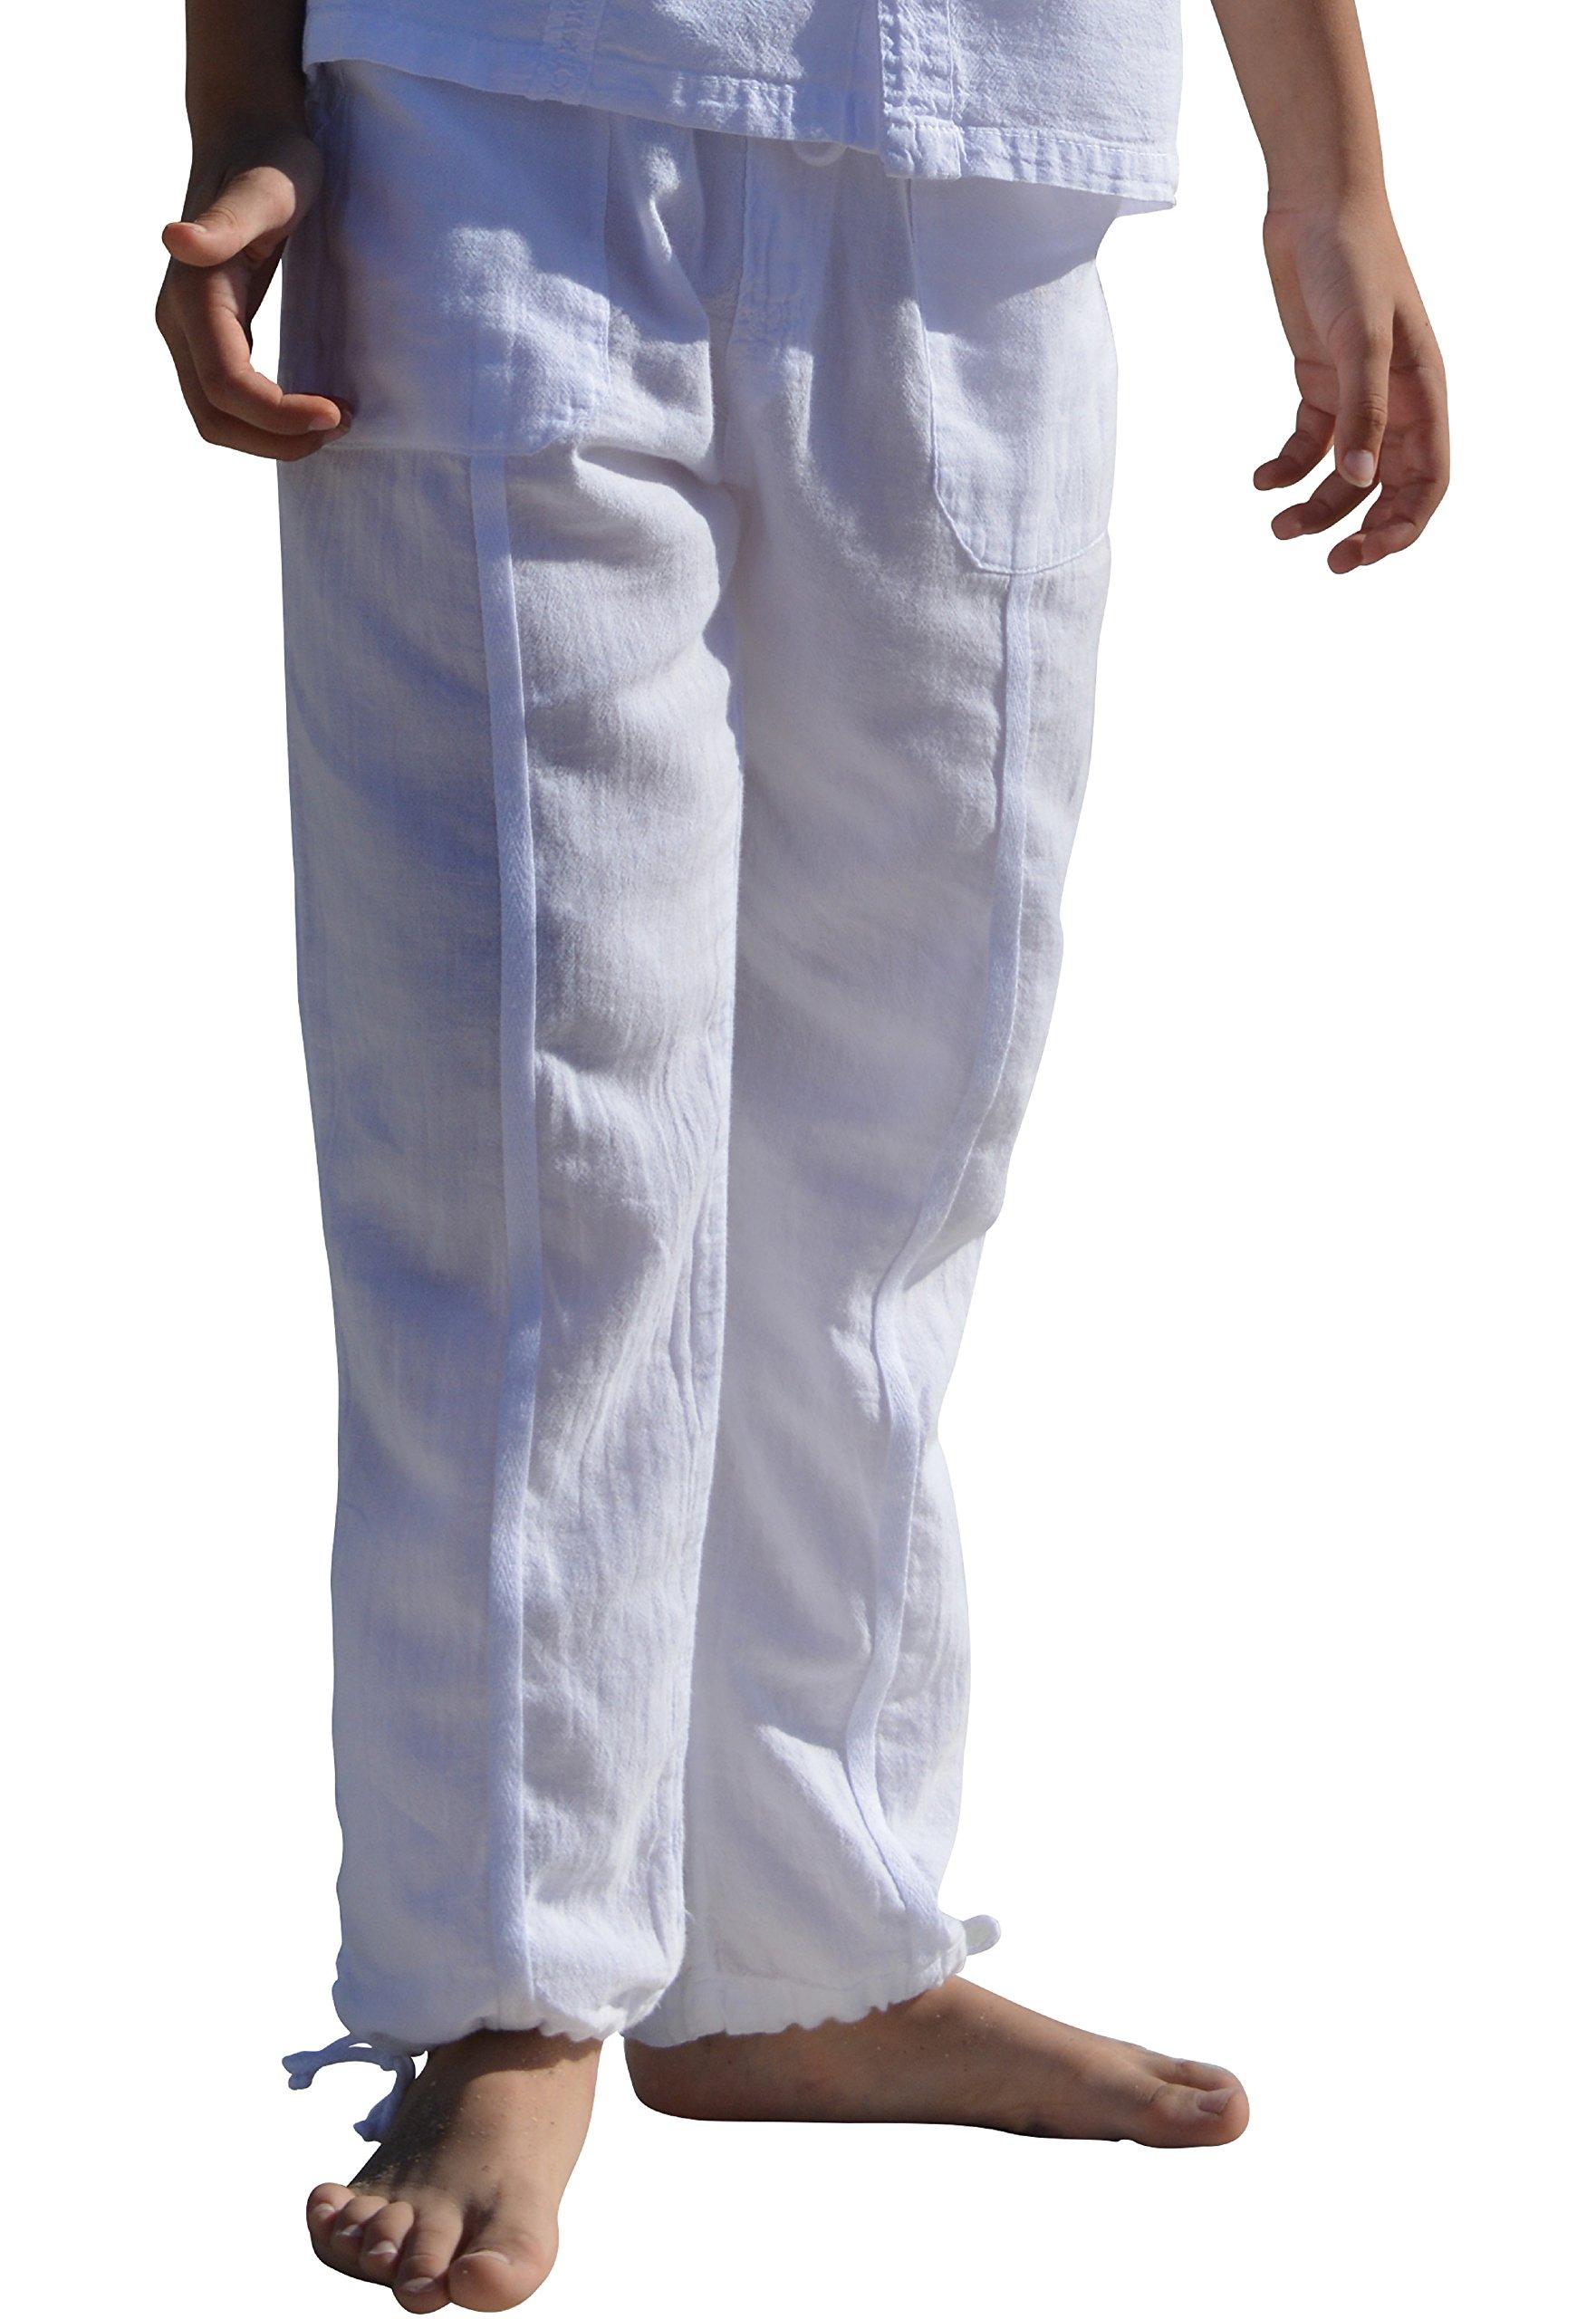 Cotton Natural Boys Pants Summer Drawstring Casual Beach Long Pants